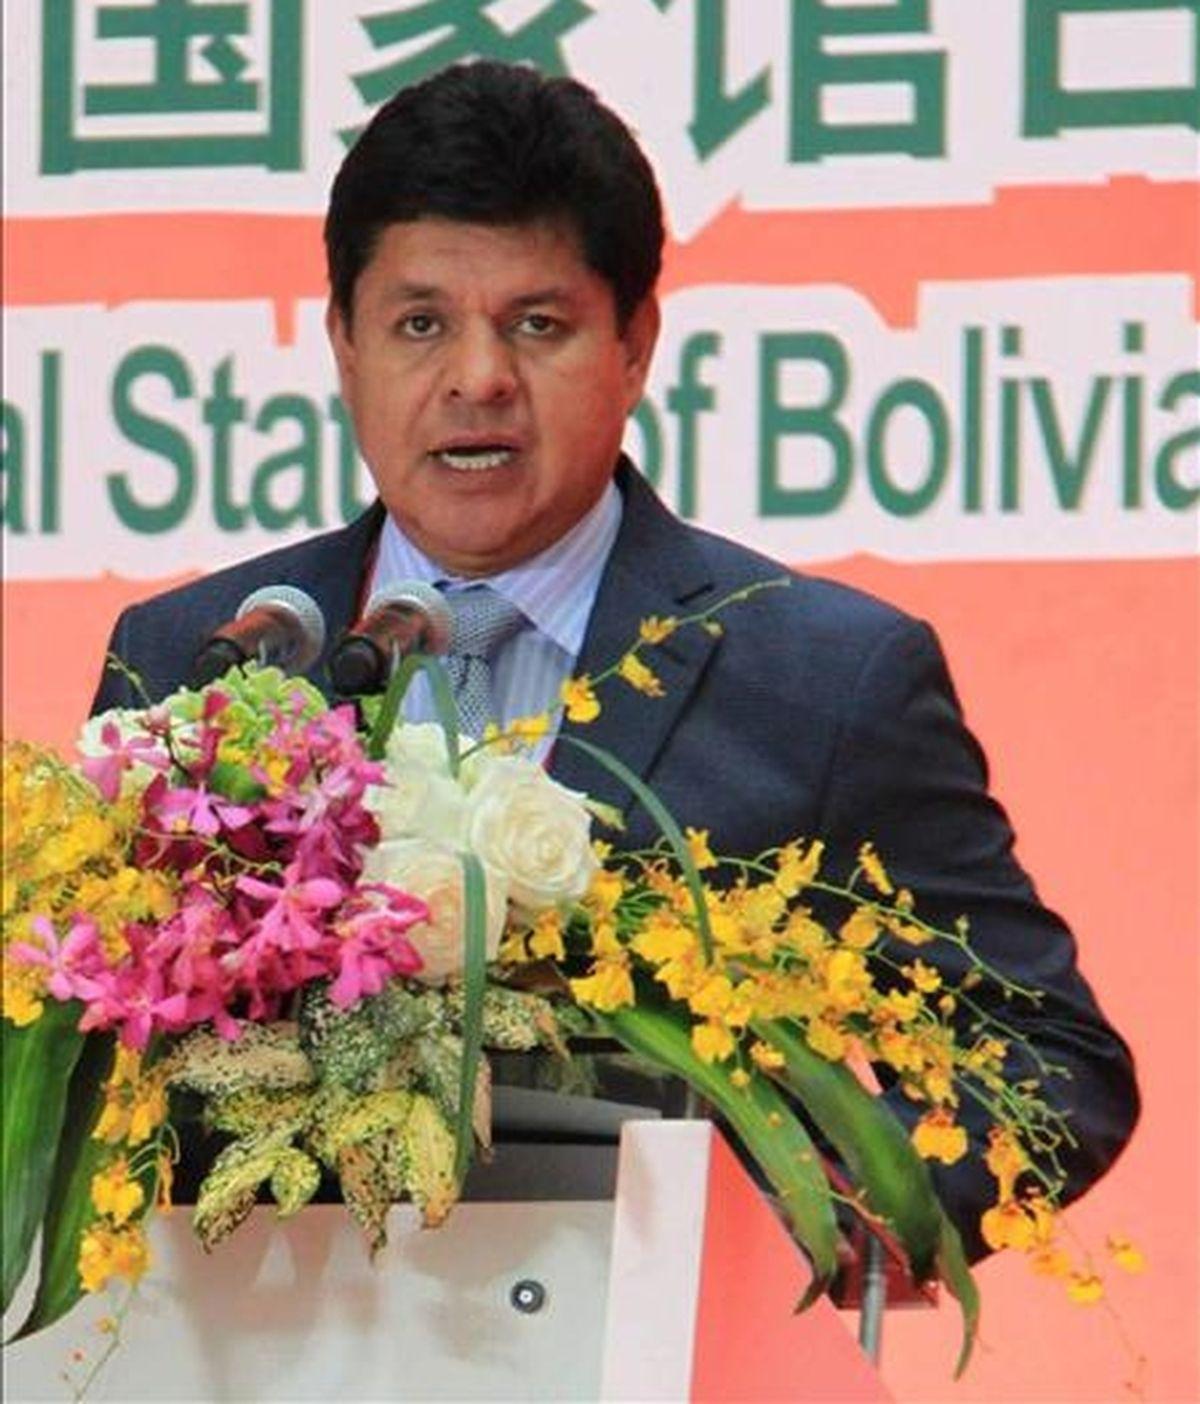 El ministro de Defensa boliviano, Rubén Saavedra, en la Expo de Shánghai (China). EFE/Archivo